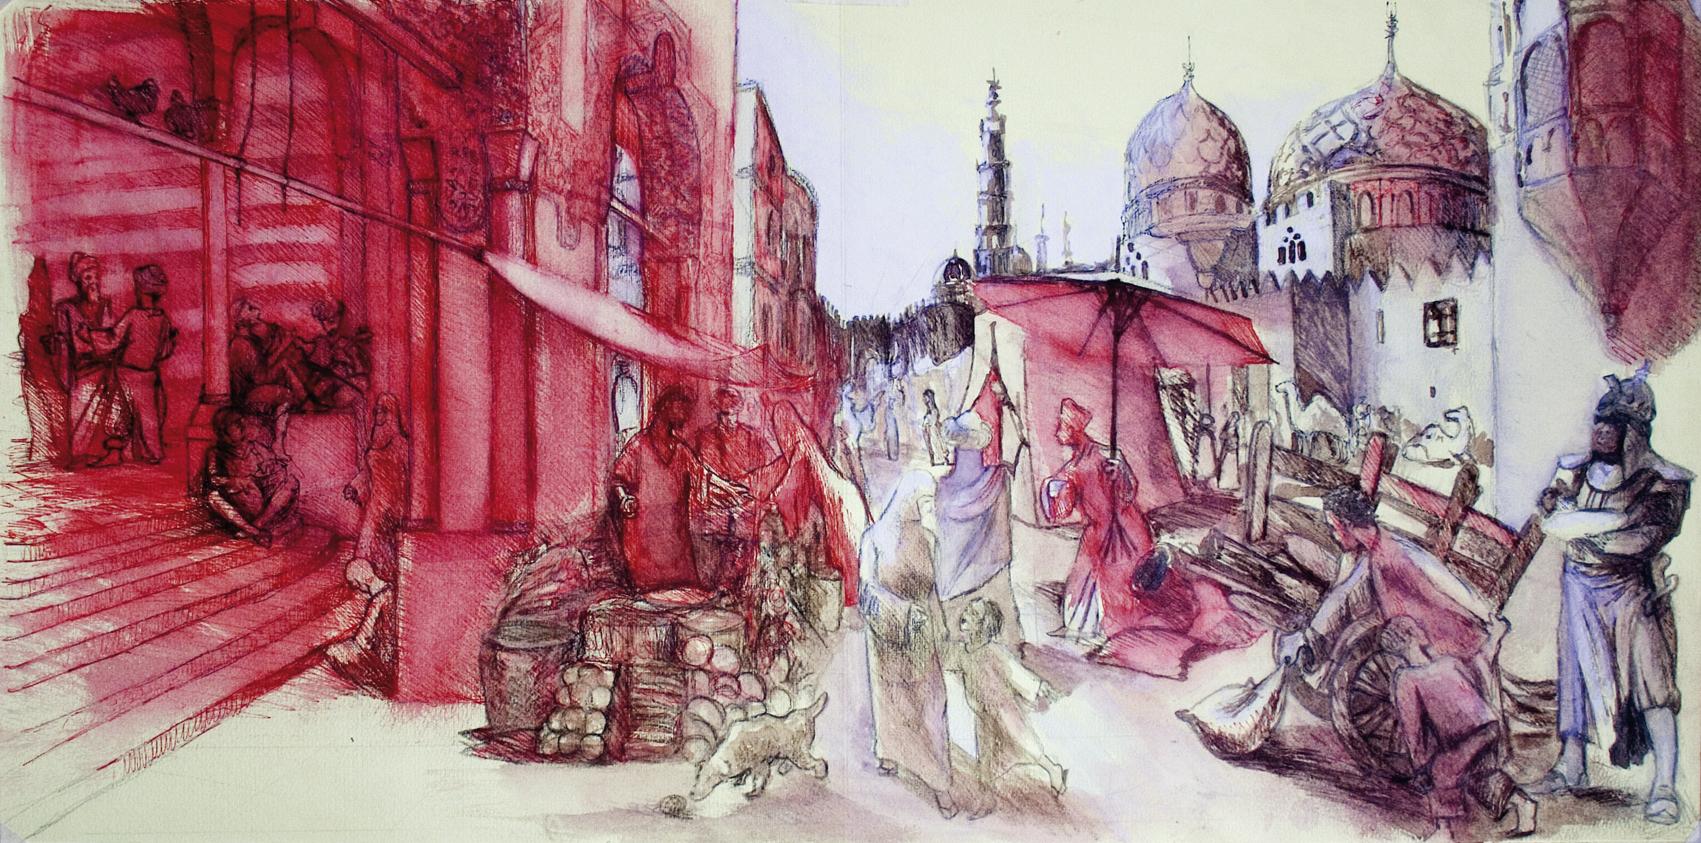 mercato arabo